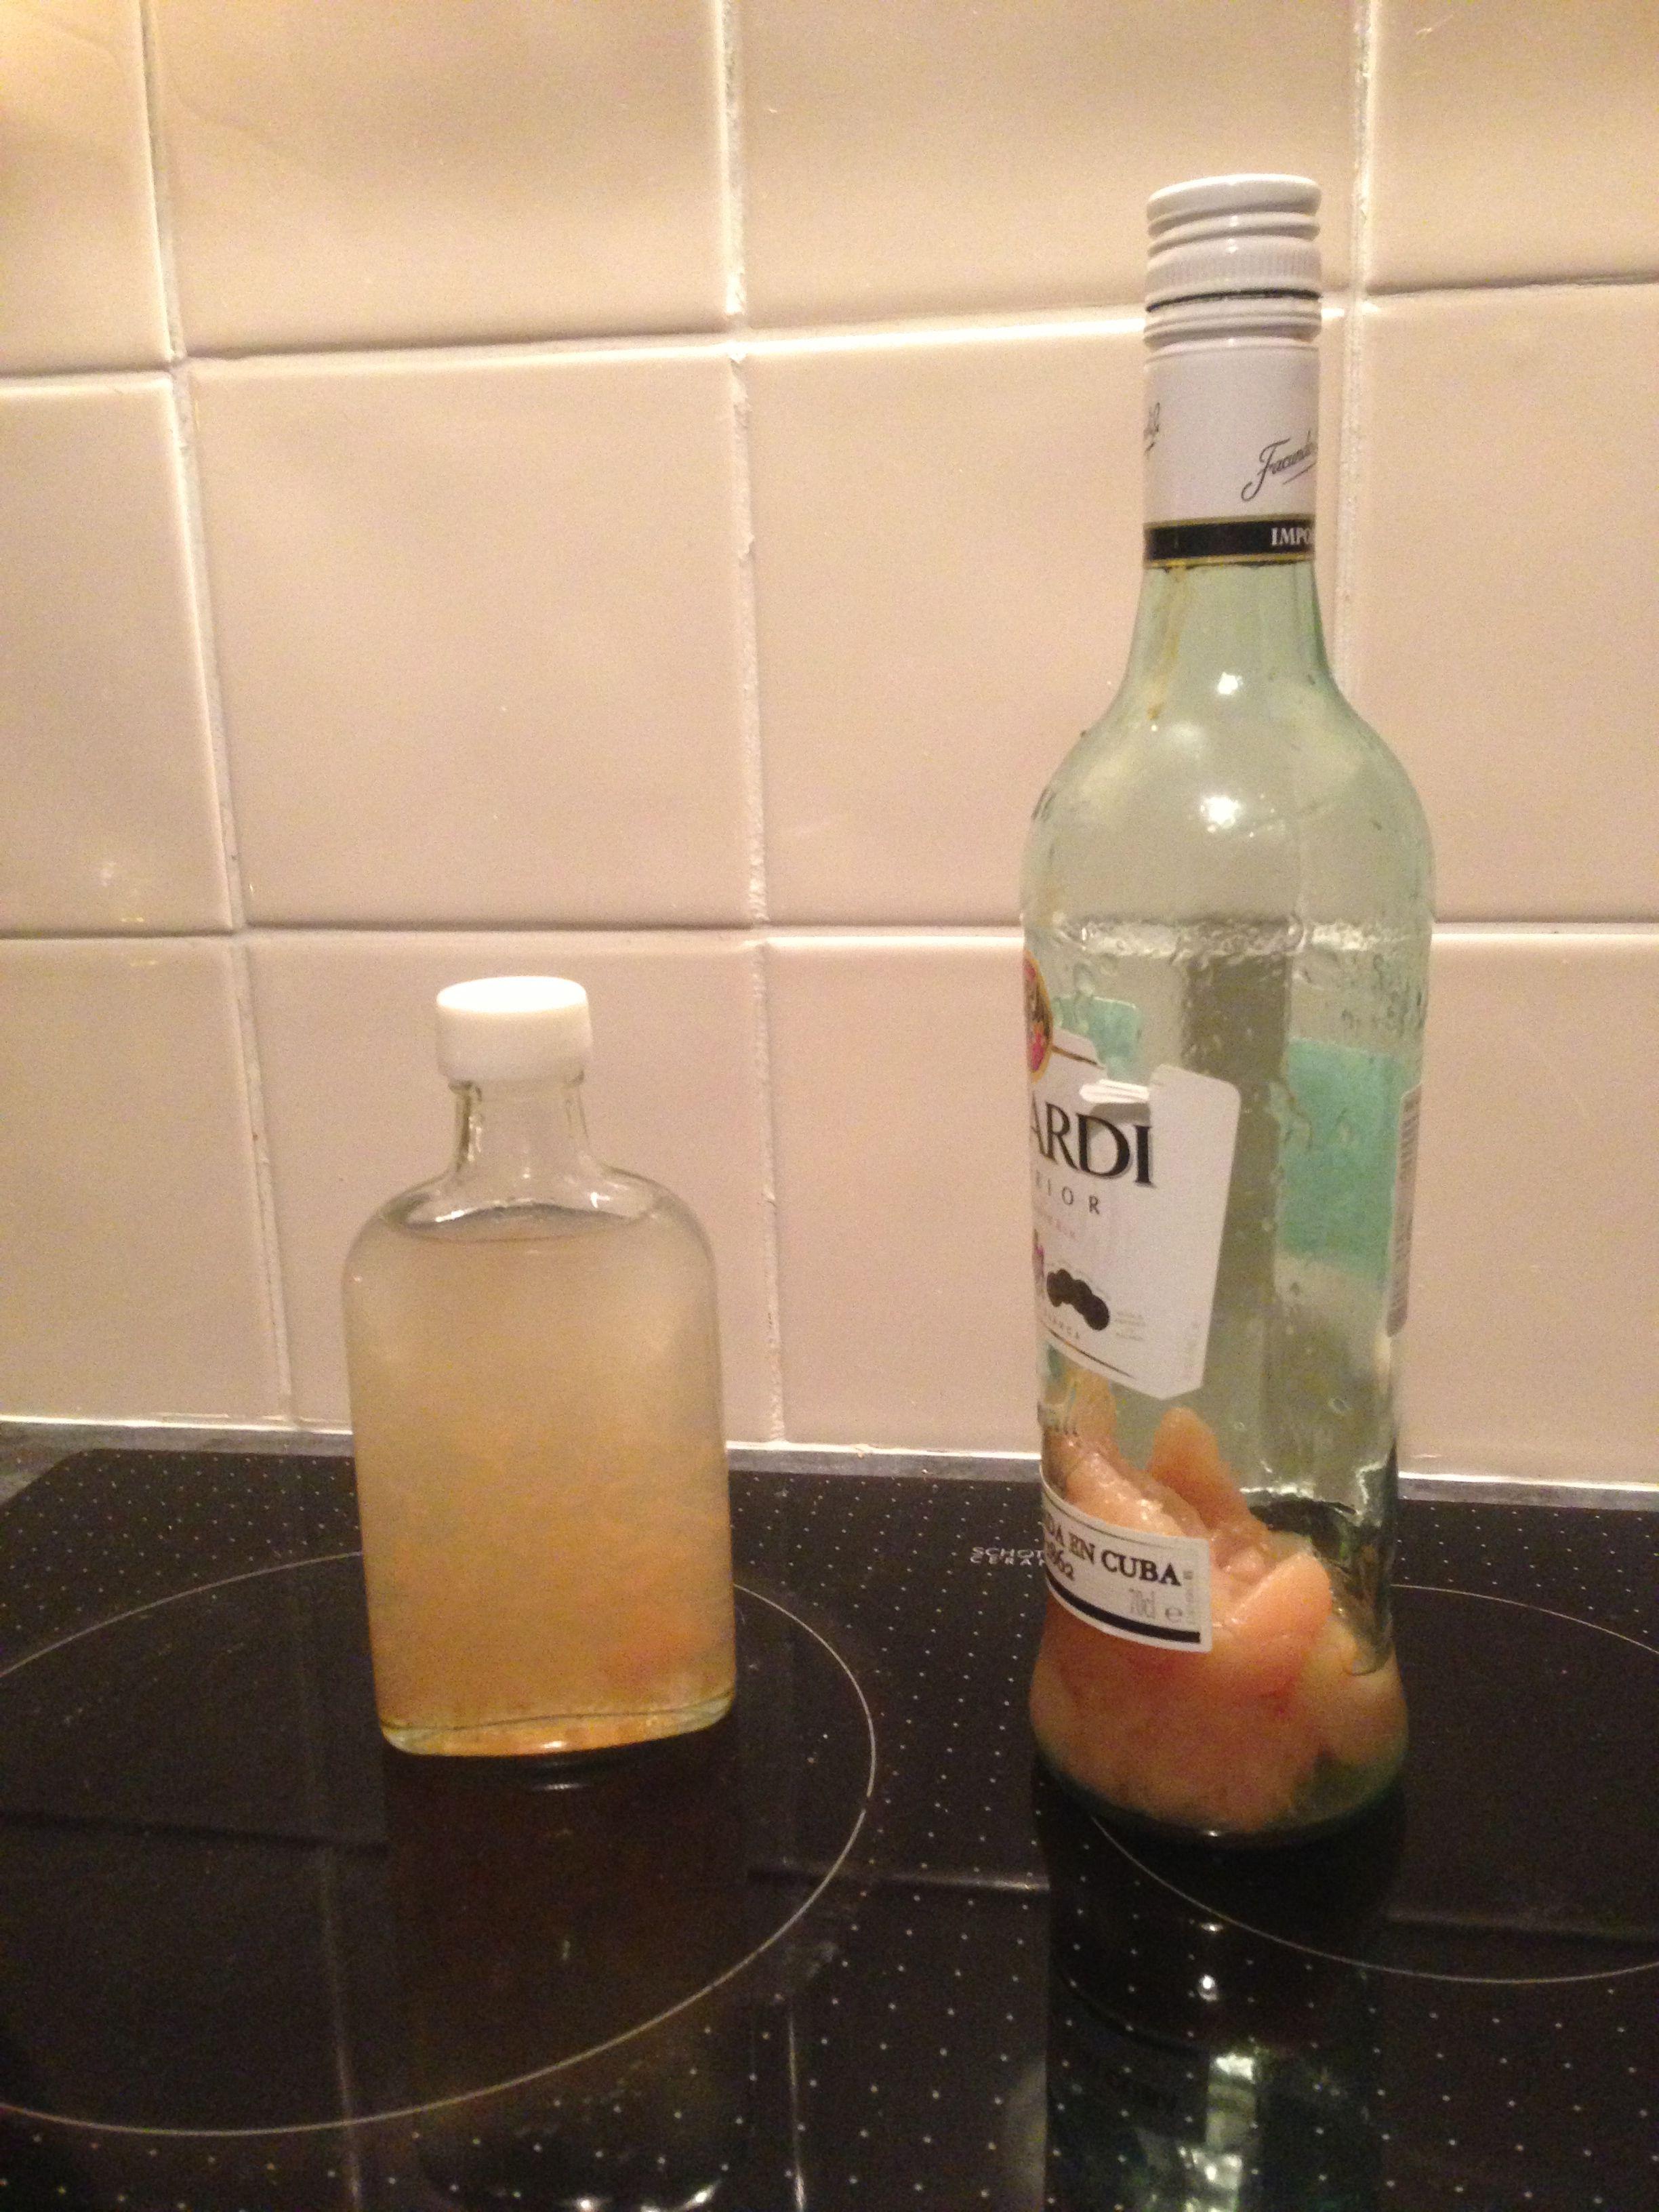 Homemade peach schnapps as favours | Wedding Ideas 2014 | Pinterest